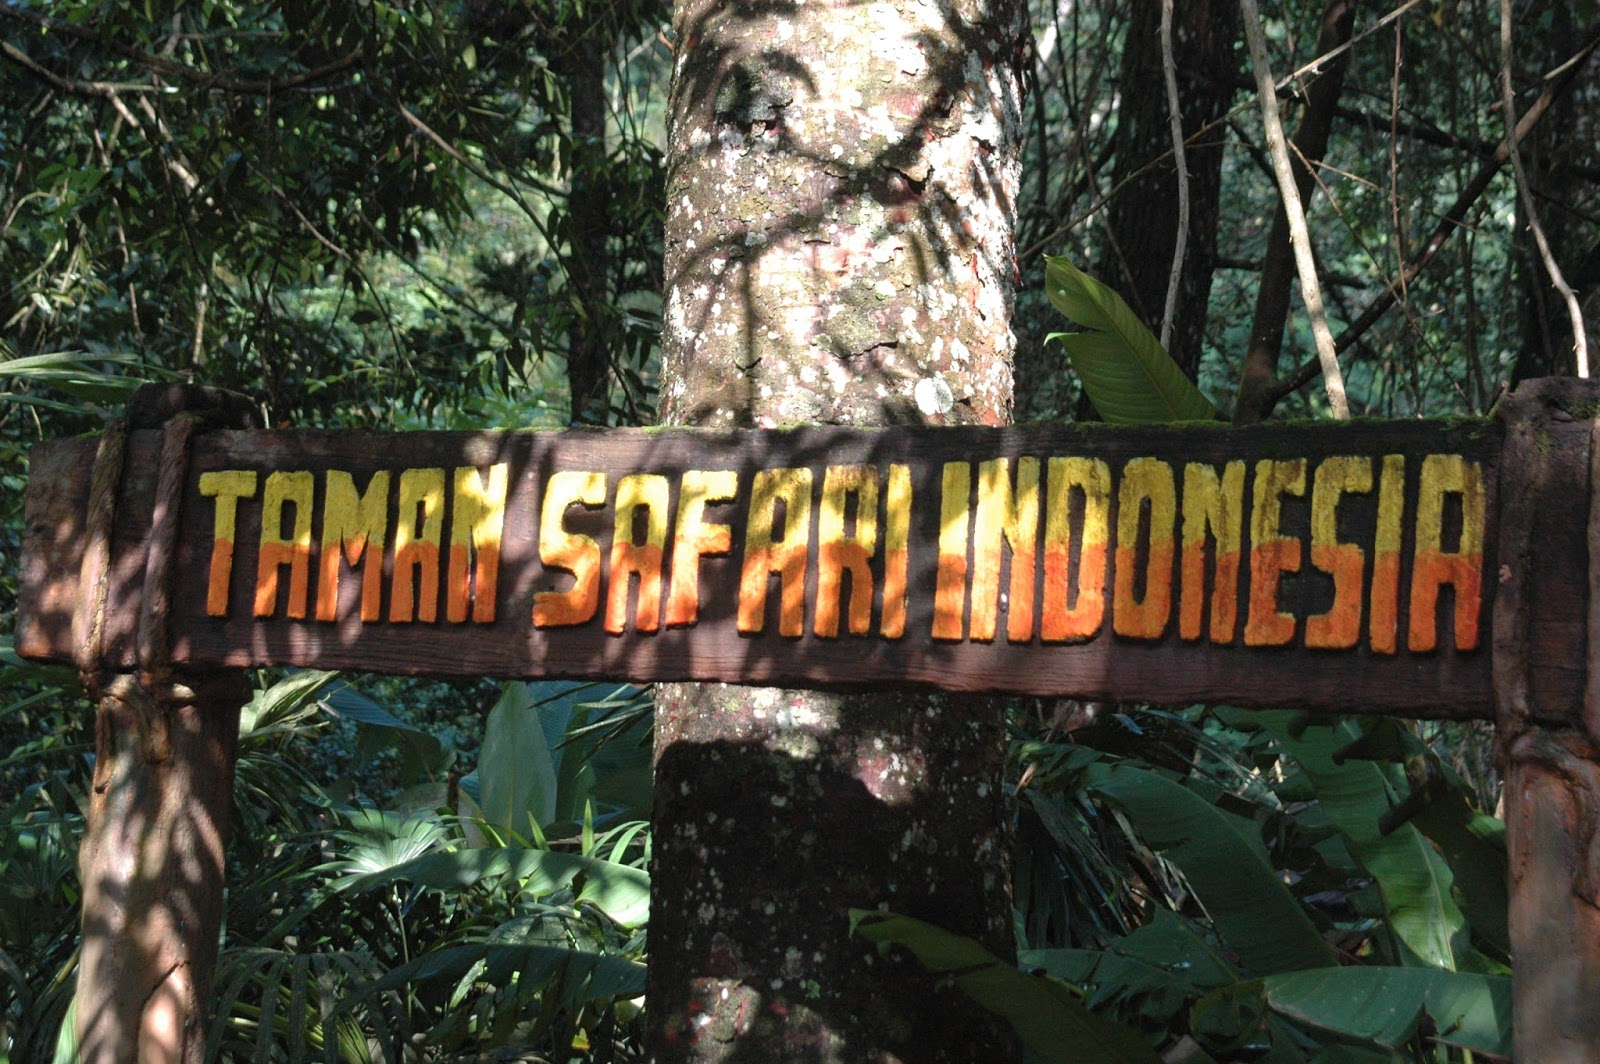 افضل 4 أشياء يمكن القيام بها في حديقة سفاري بونشاك اندونيسيا